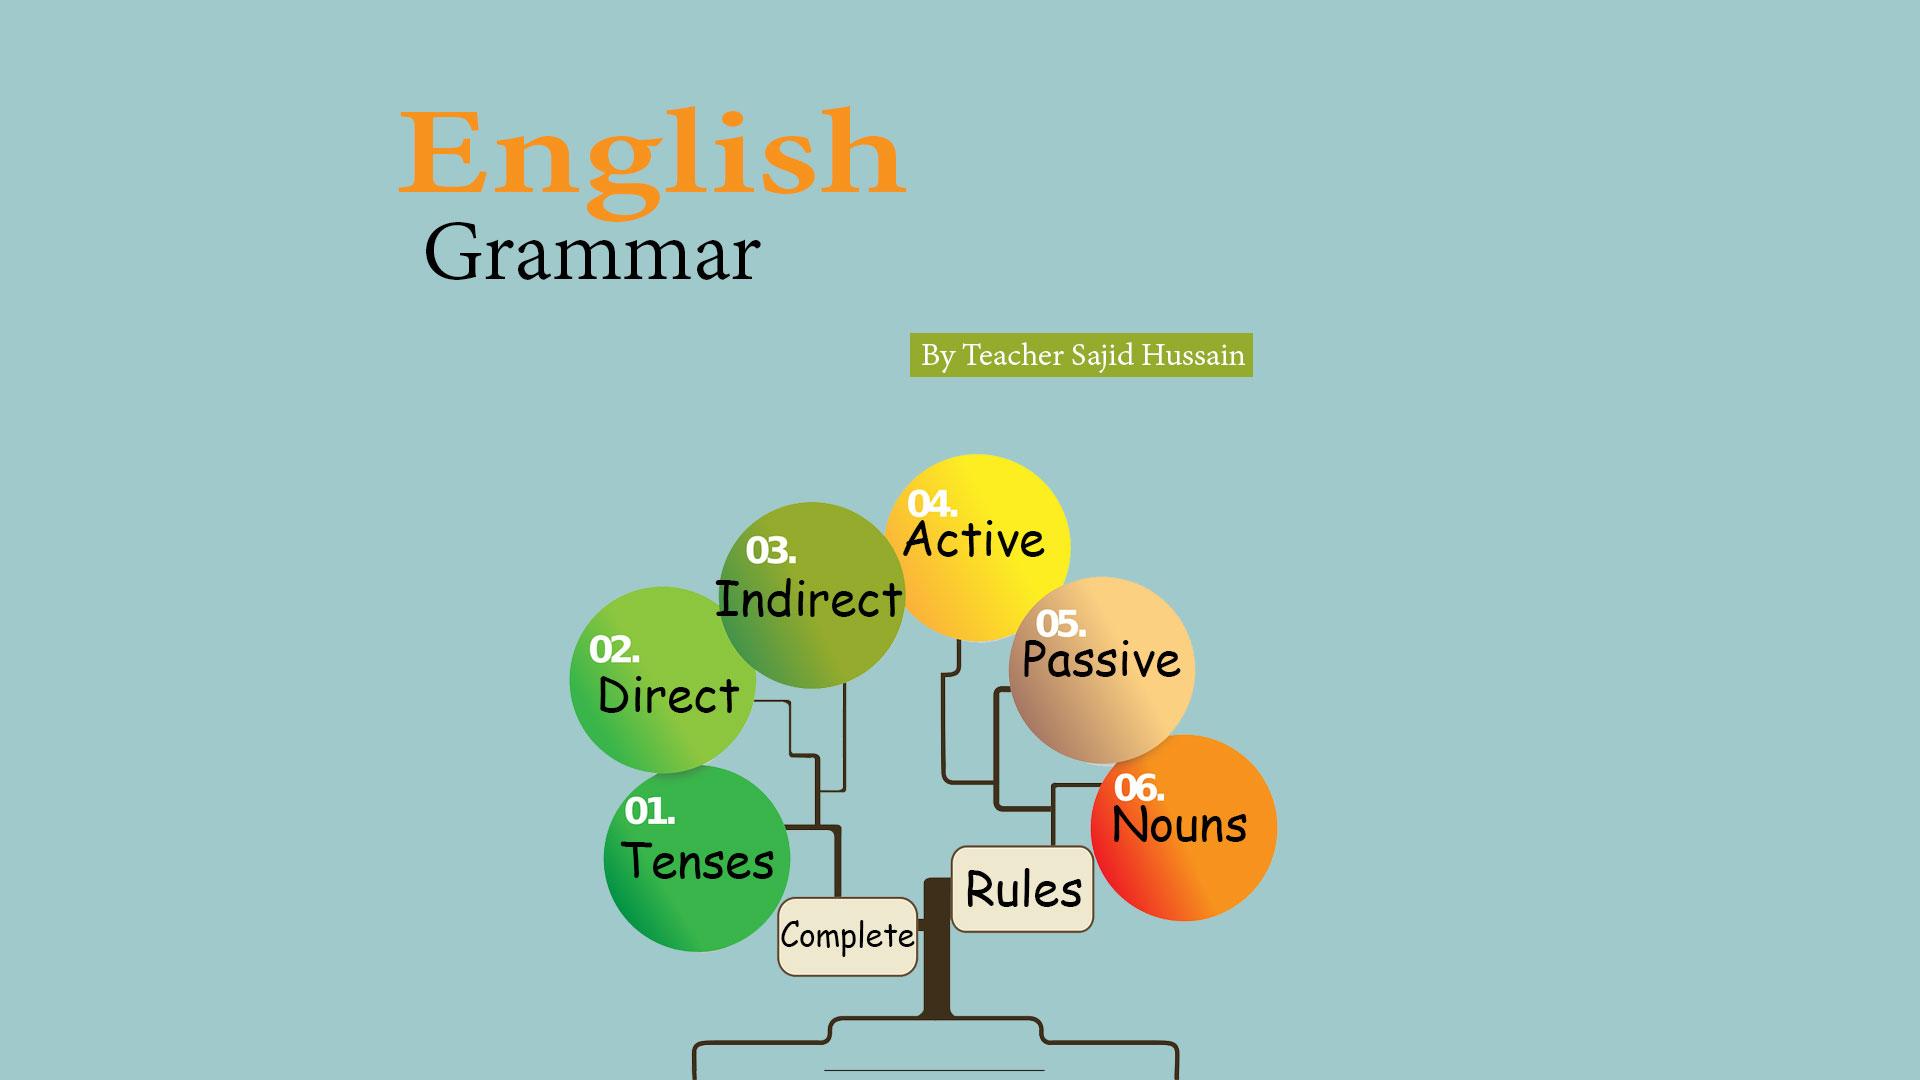 basic english grammar in urdu image